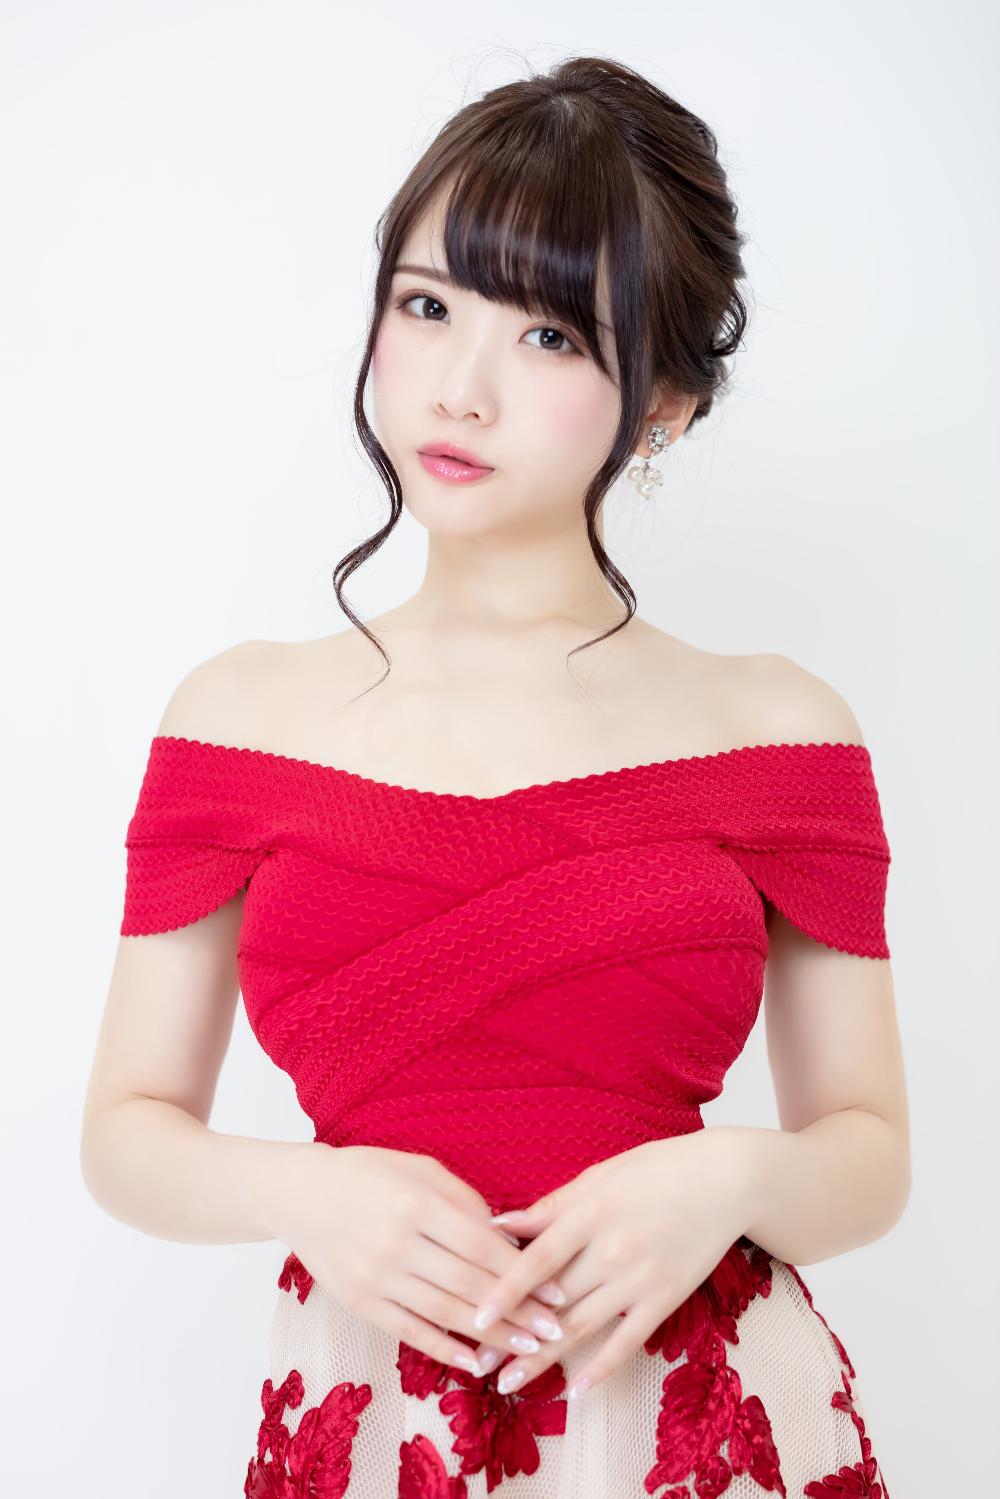 Pin von XxSoraxXJapanAddict auf Japanese Girls | Schönheit